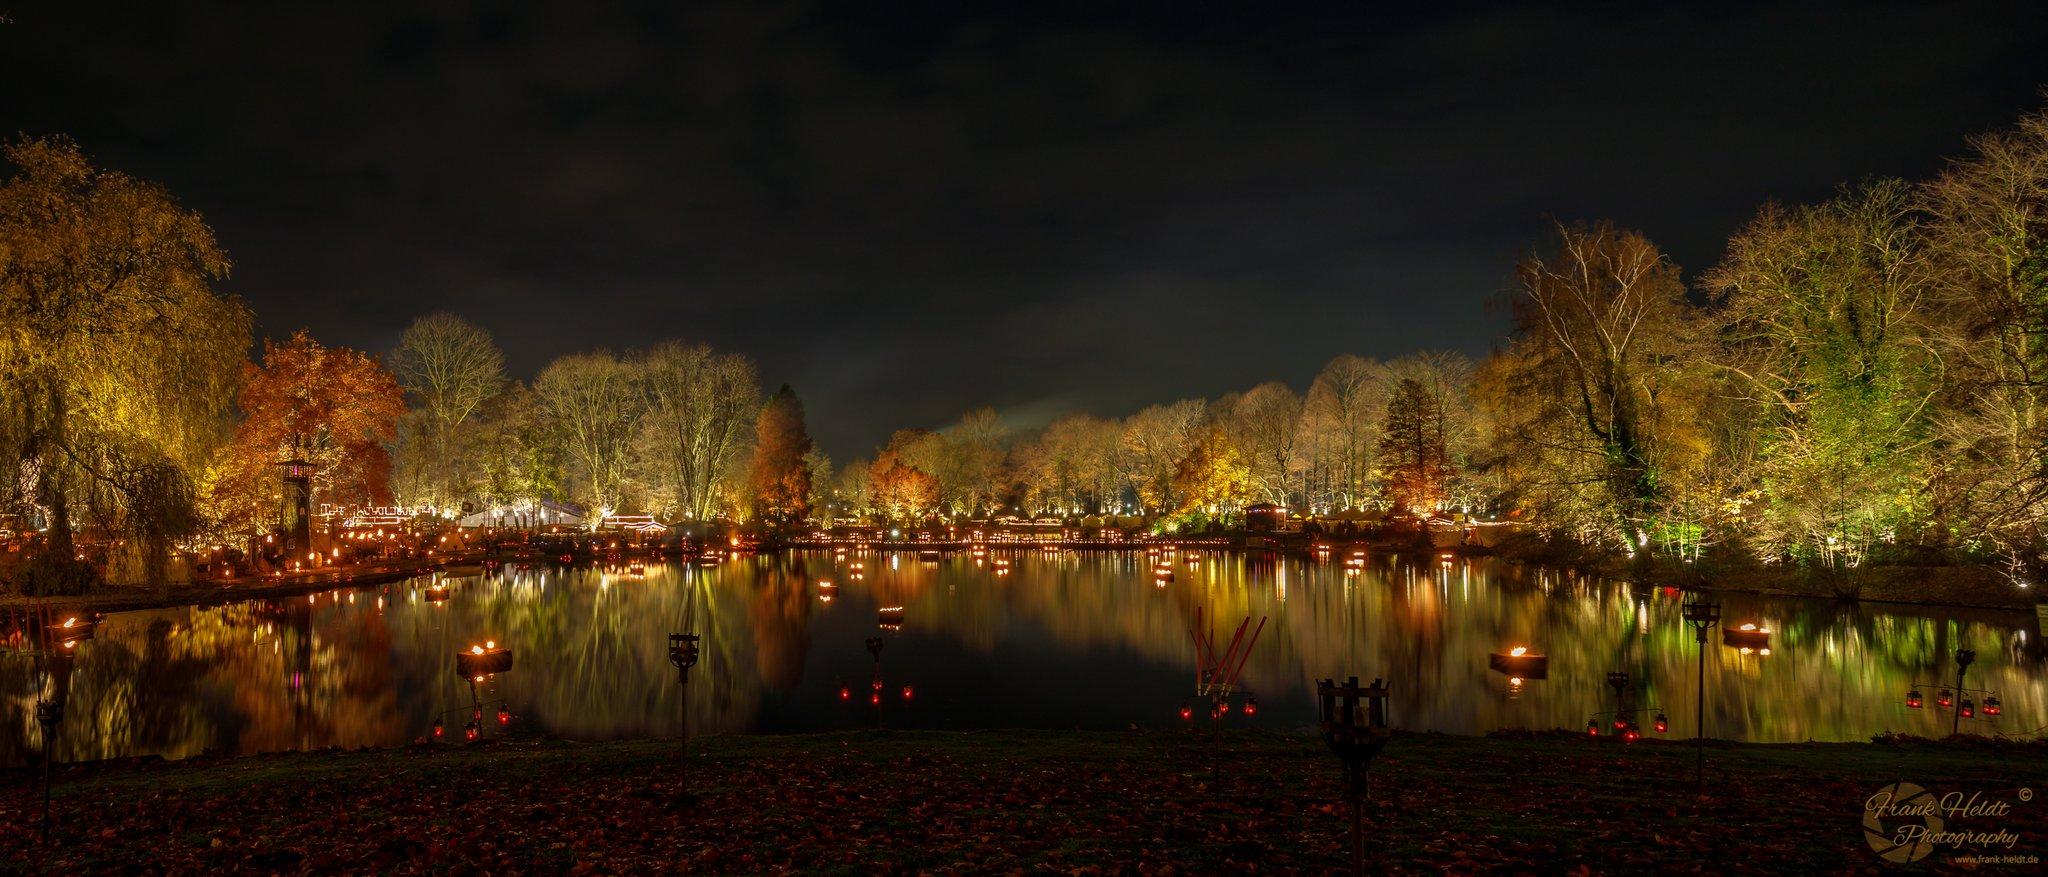 Mittelalter Weihnachtsmarkt Dortmund.Phantastischer Mittelalterlicher Lichter Weihnachtsmarkt Dortmund